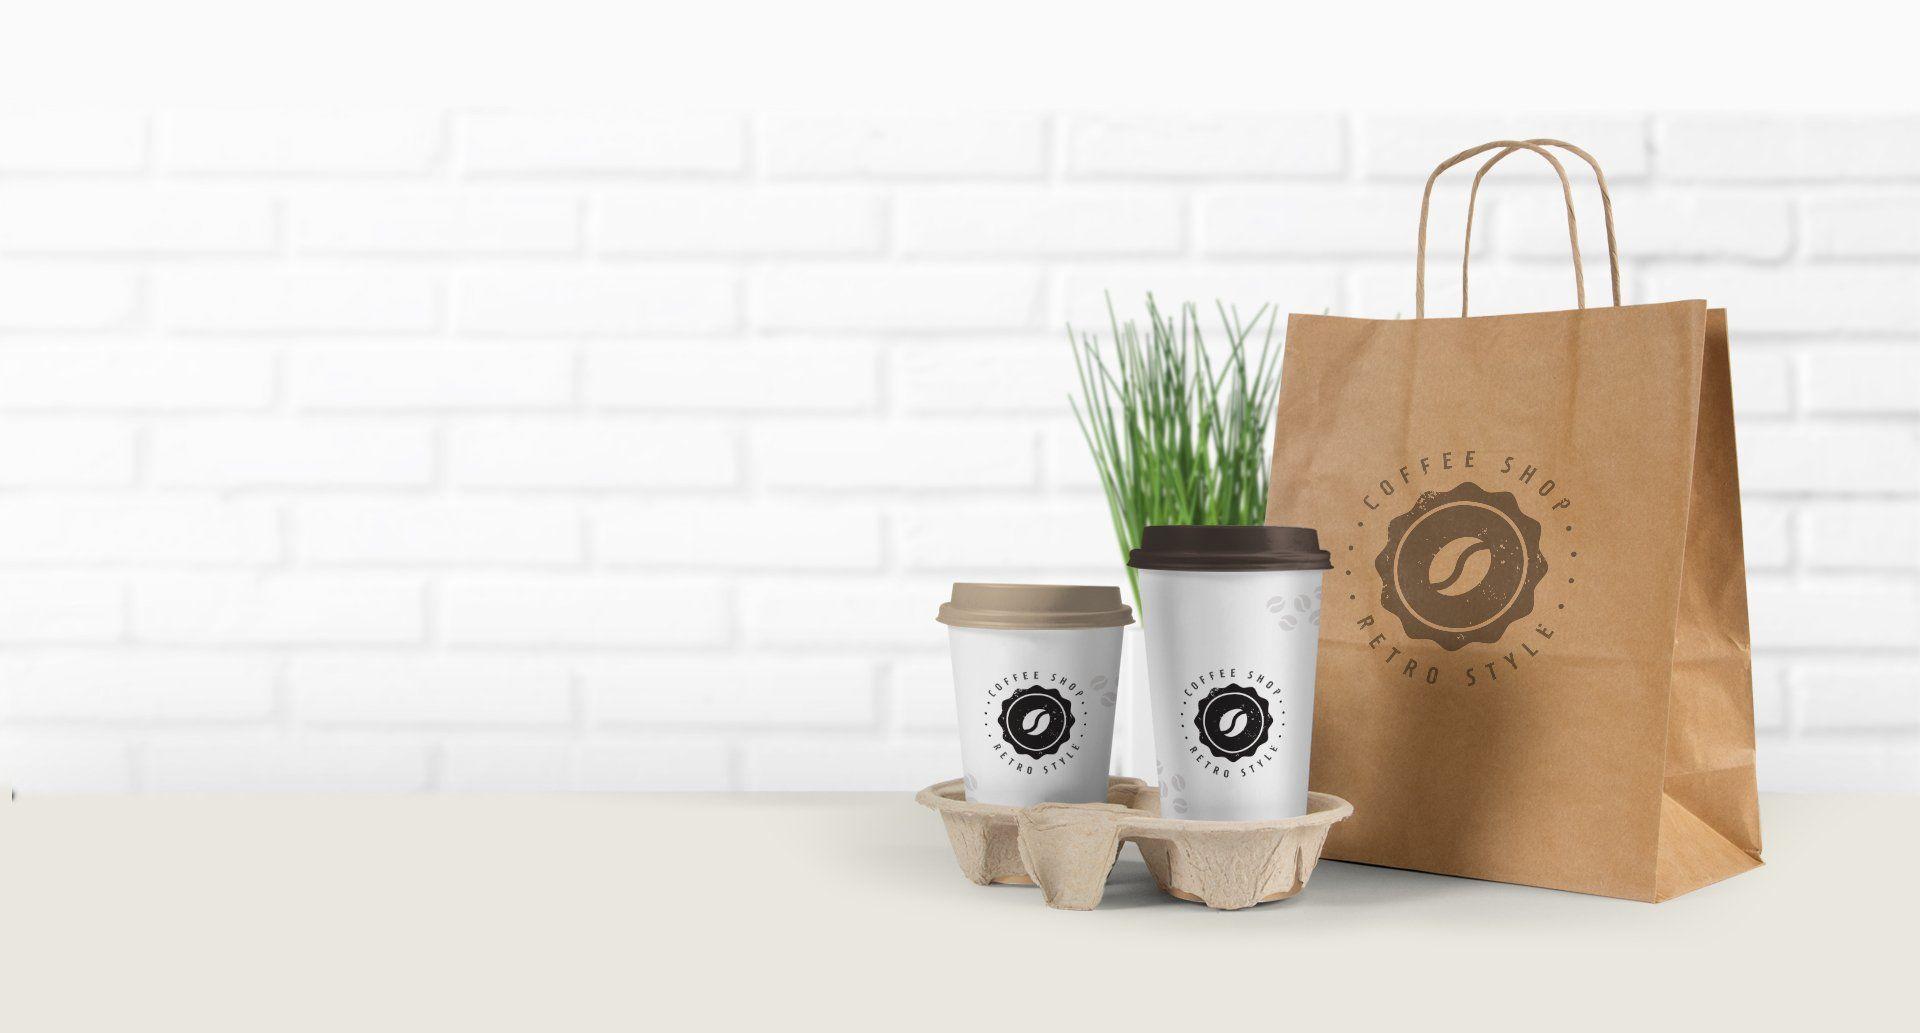 Koffie Slider1